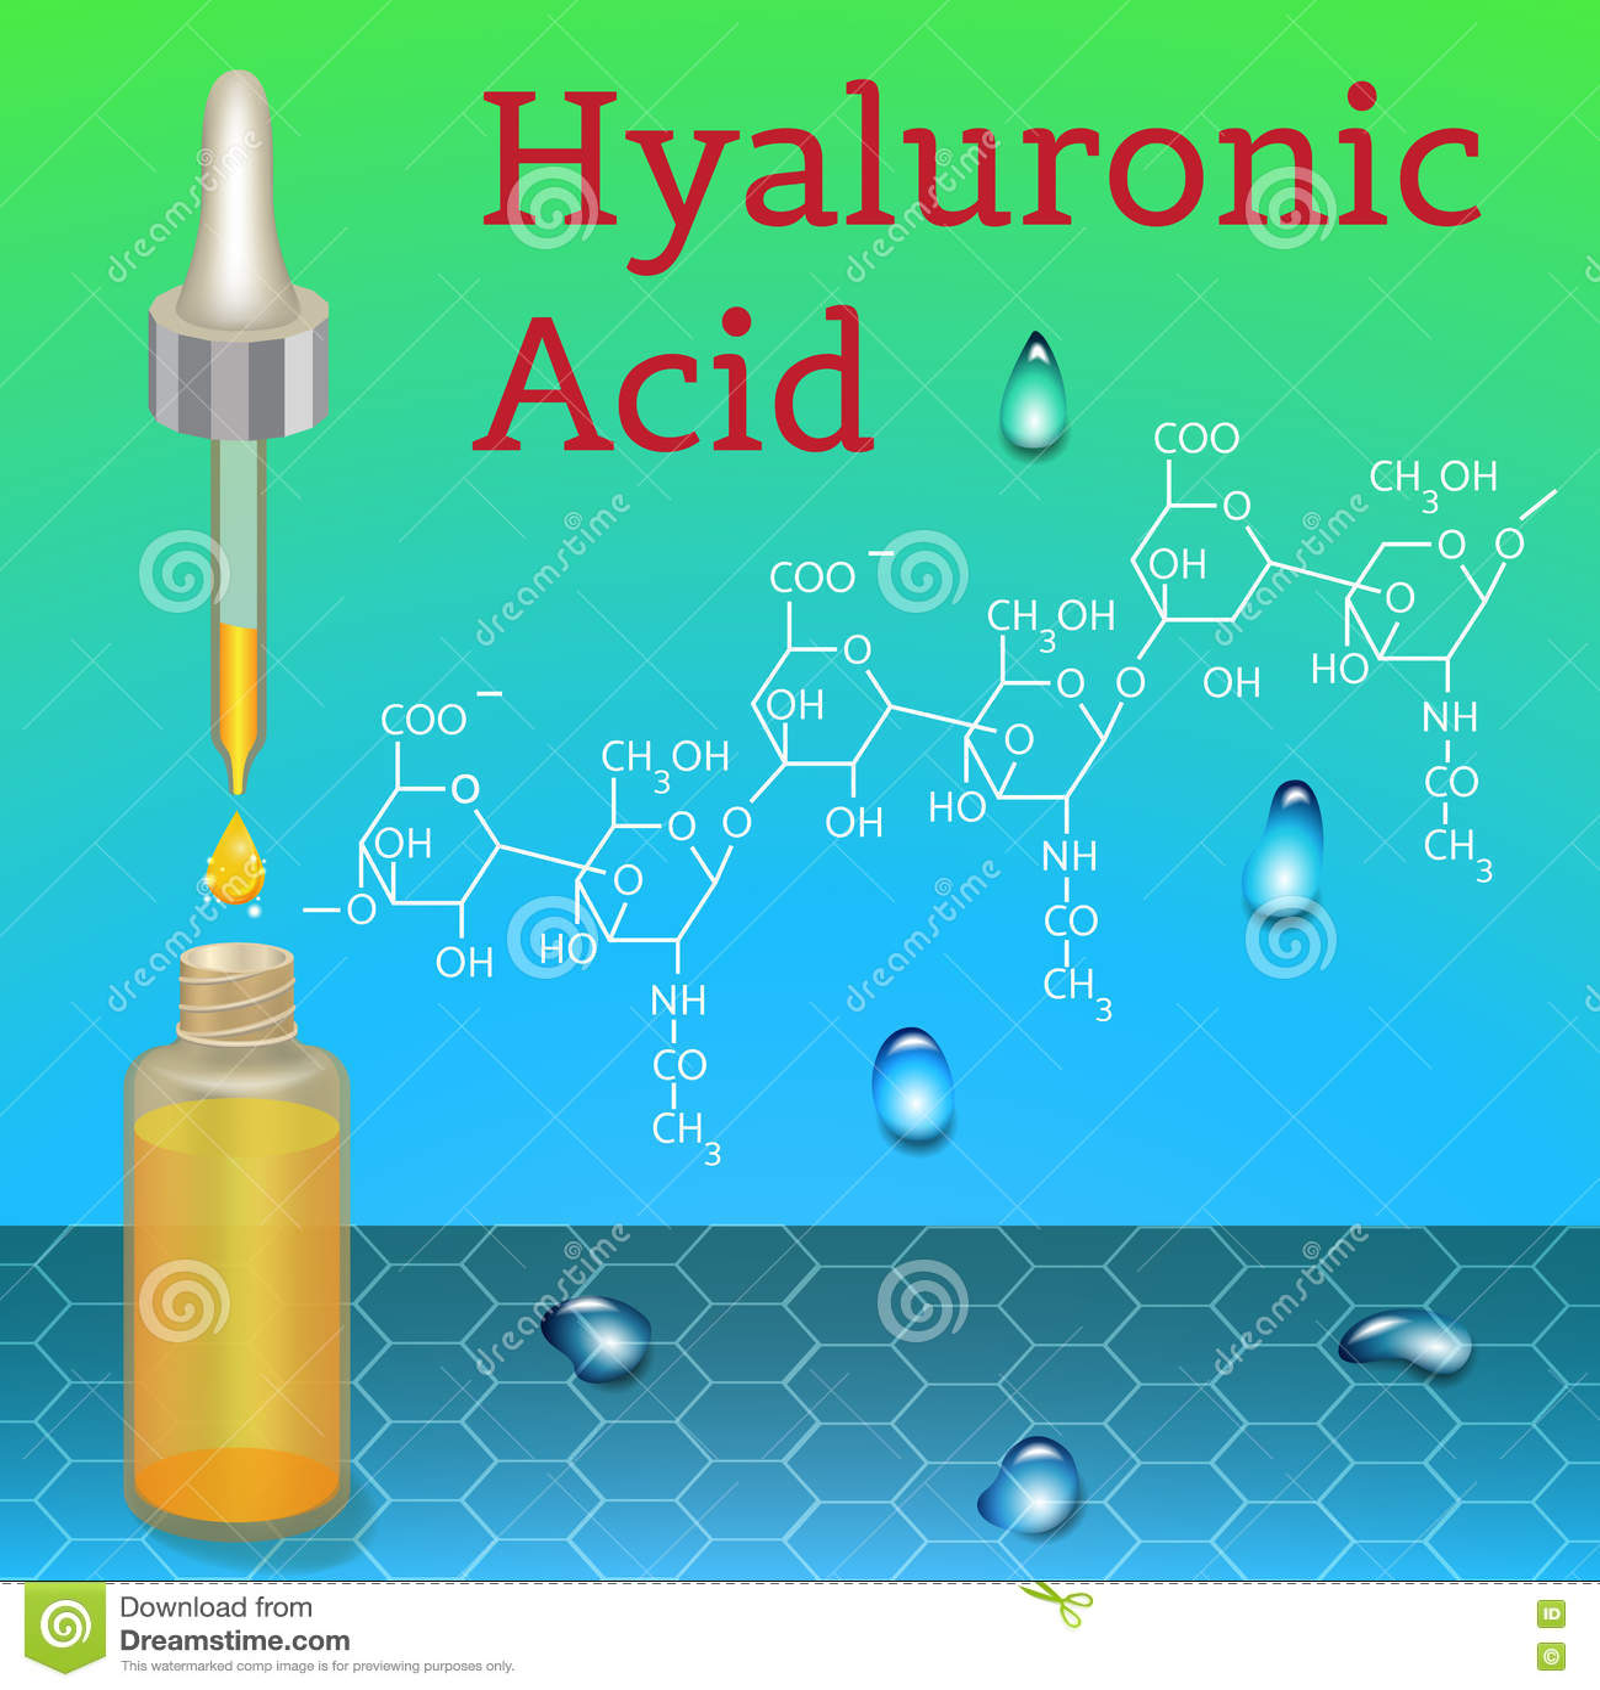 Hyalurowego kwasu butelka wzór chemiczny